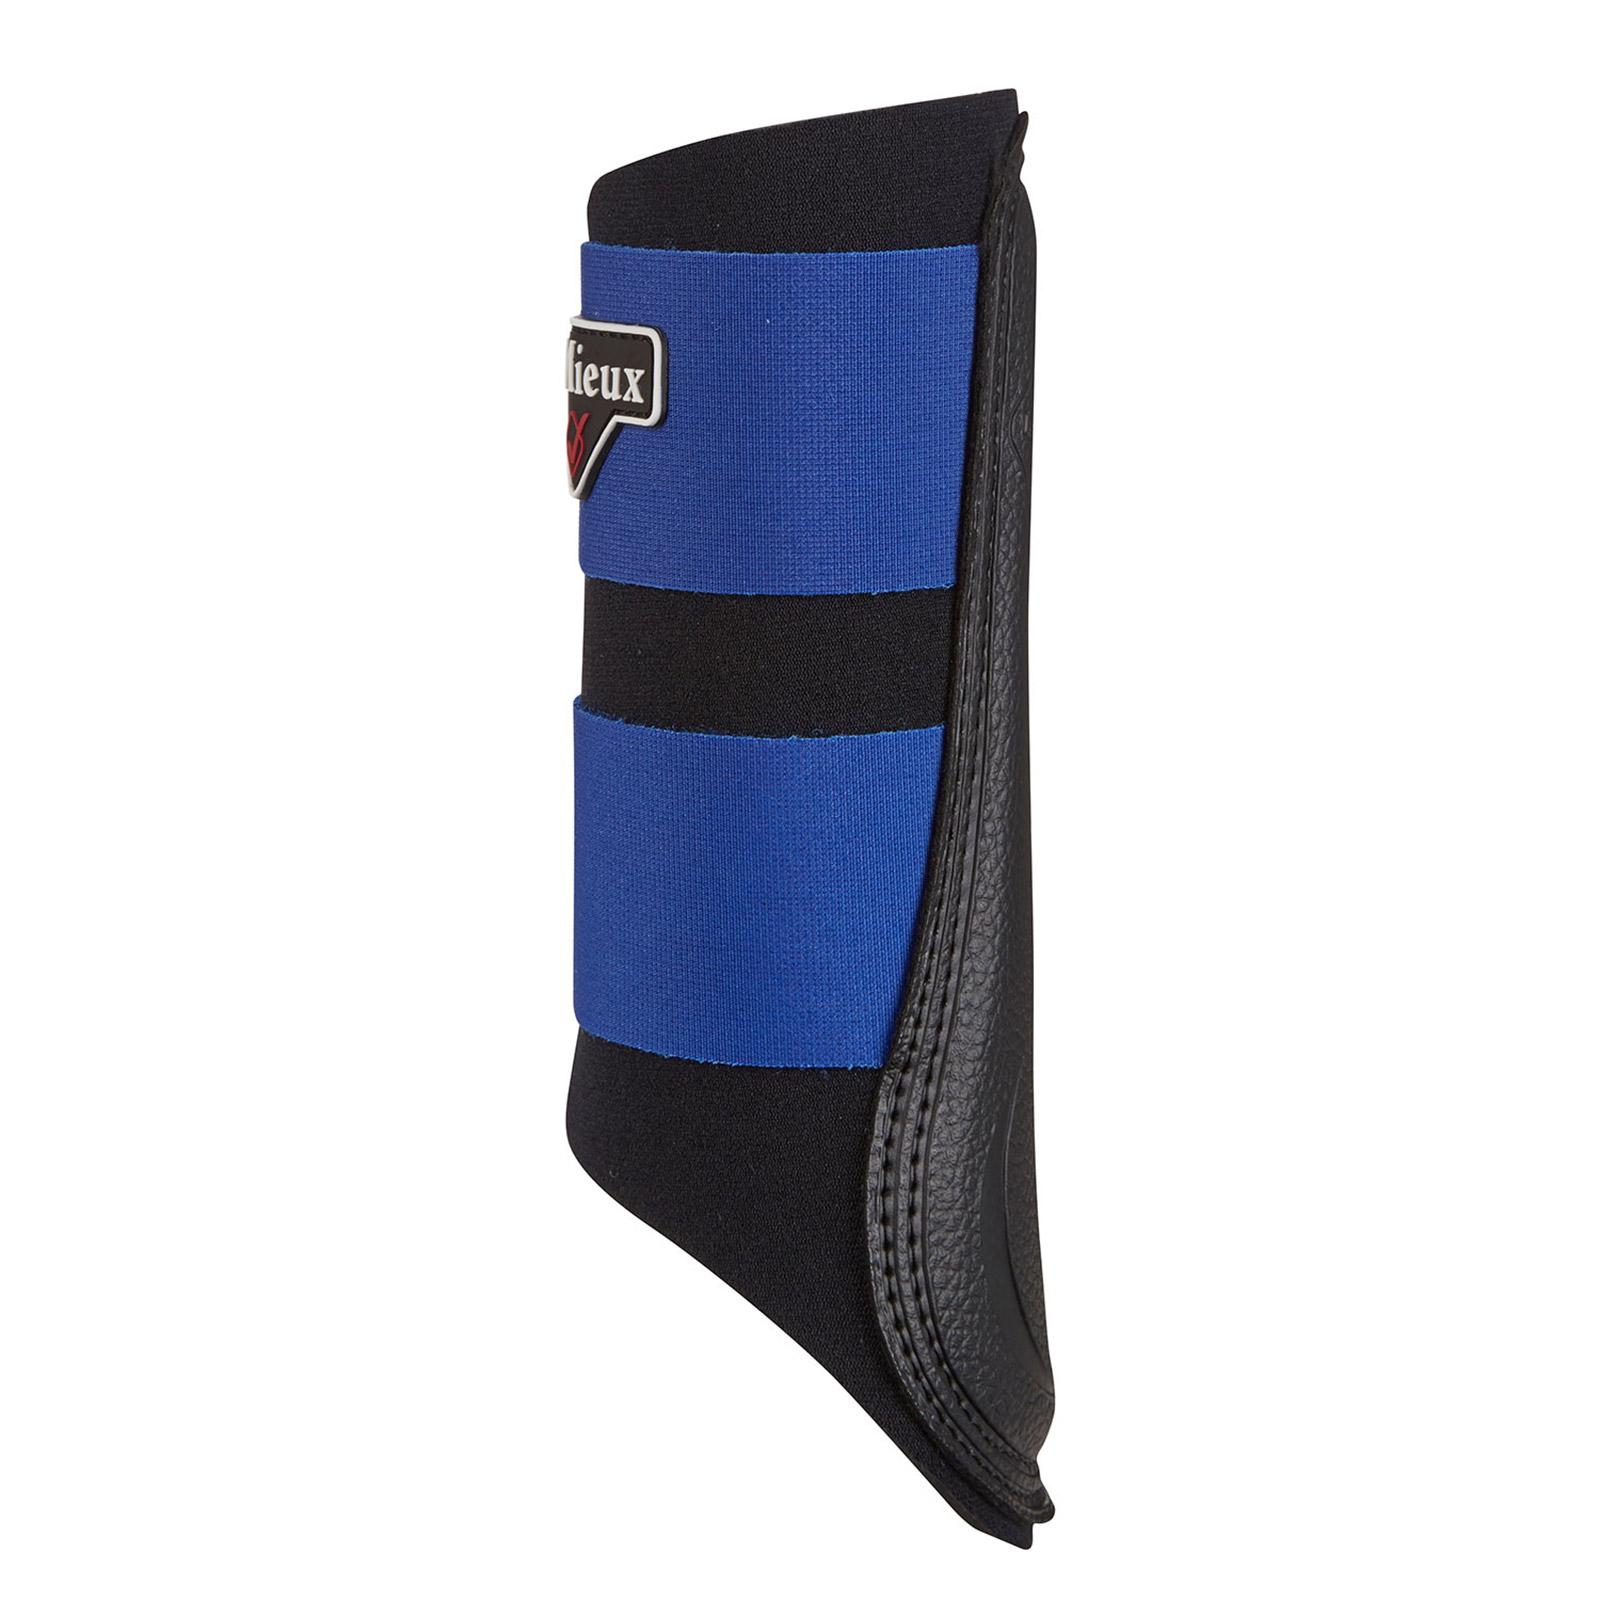 LEMIEUX-PROSPORT-Grafter-Brossage-Bottes-Leger-Protection miniature 5